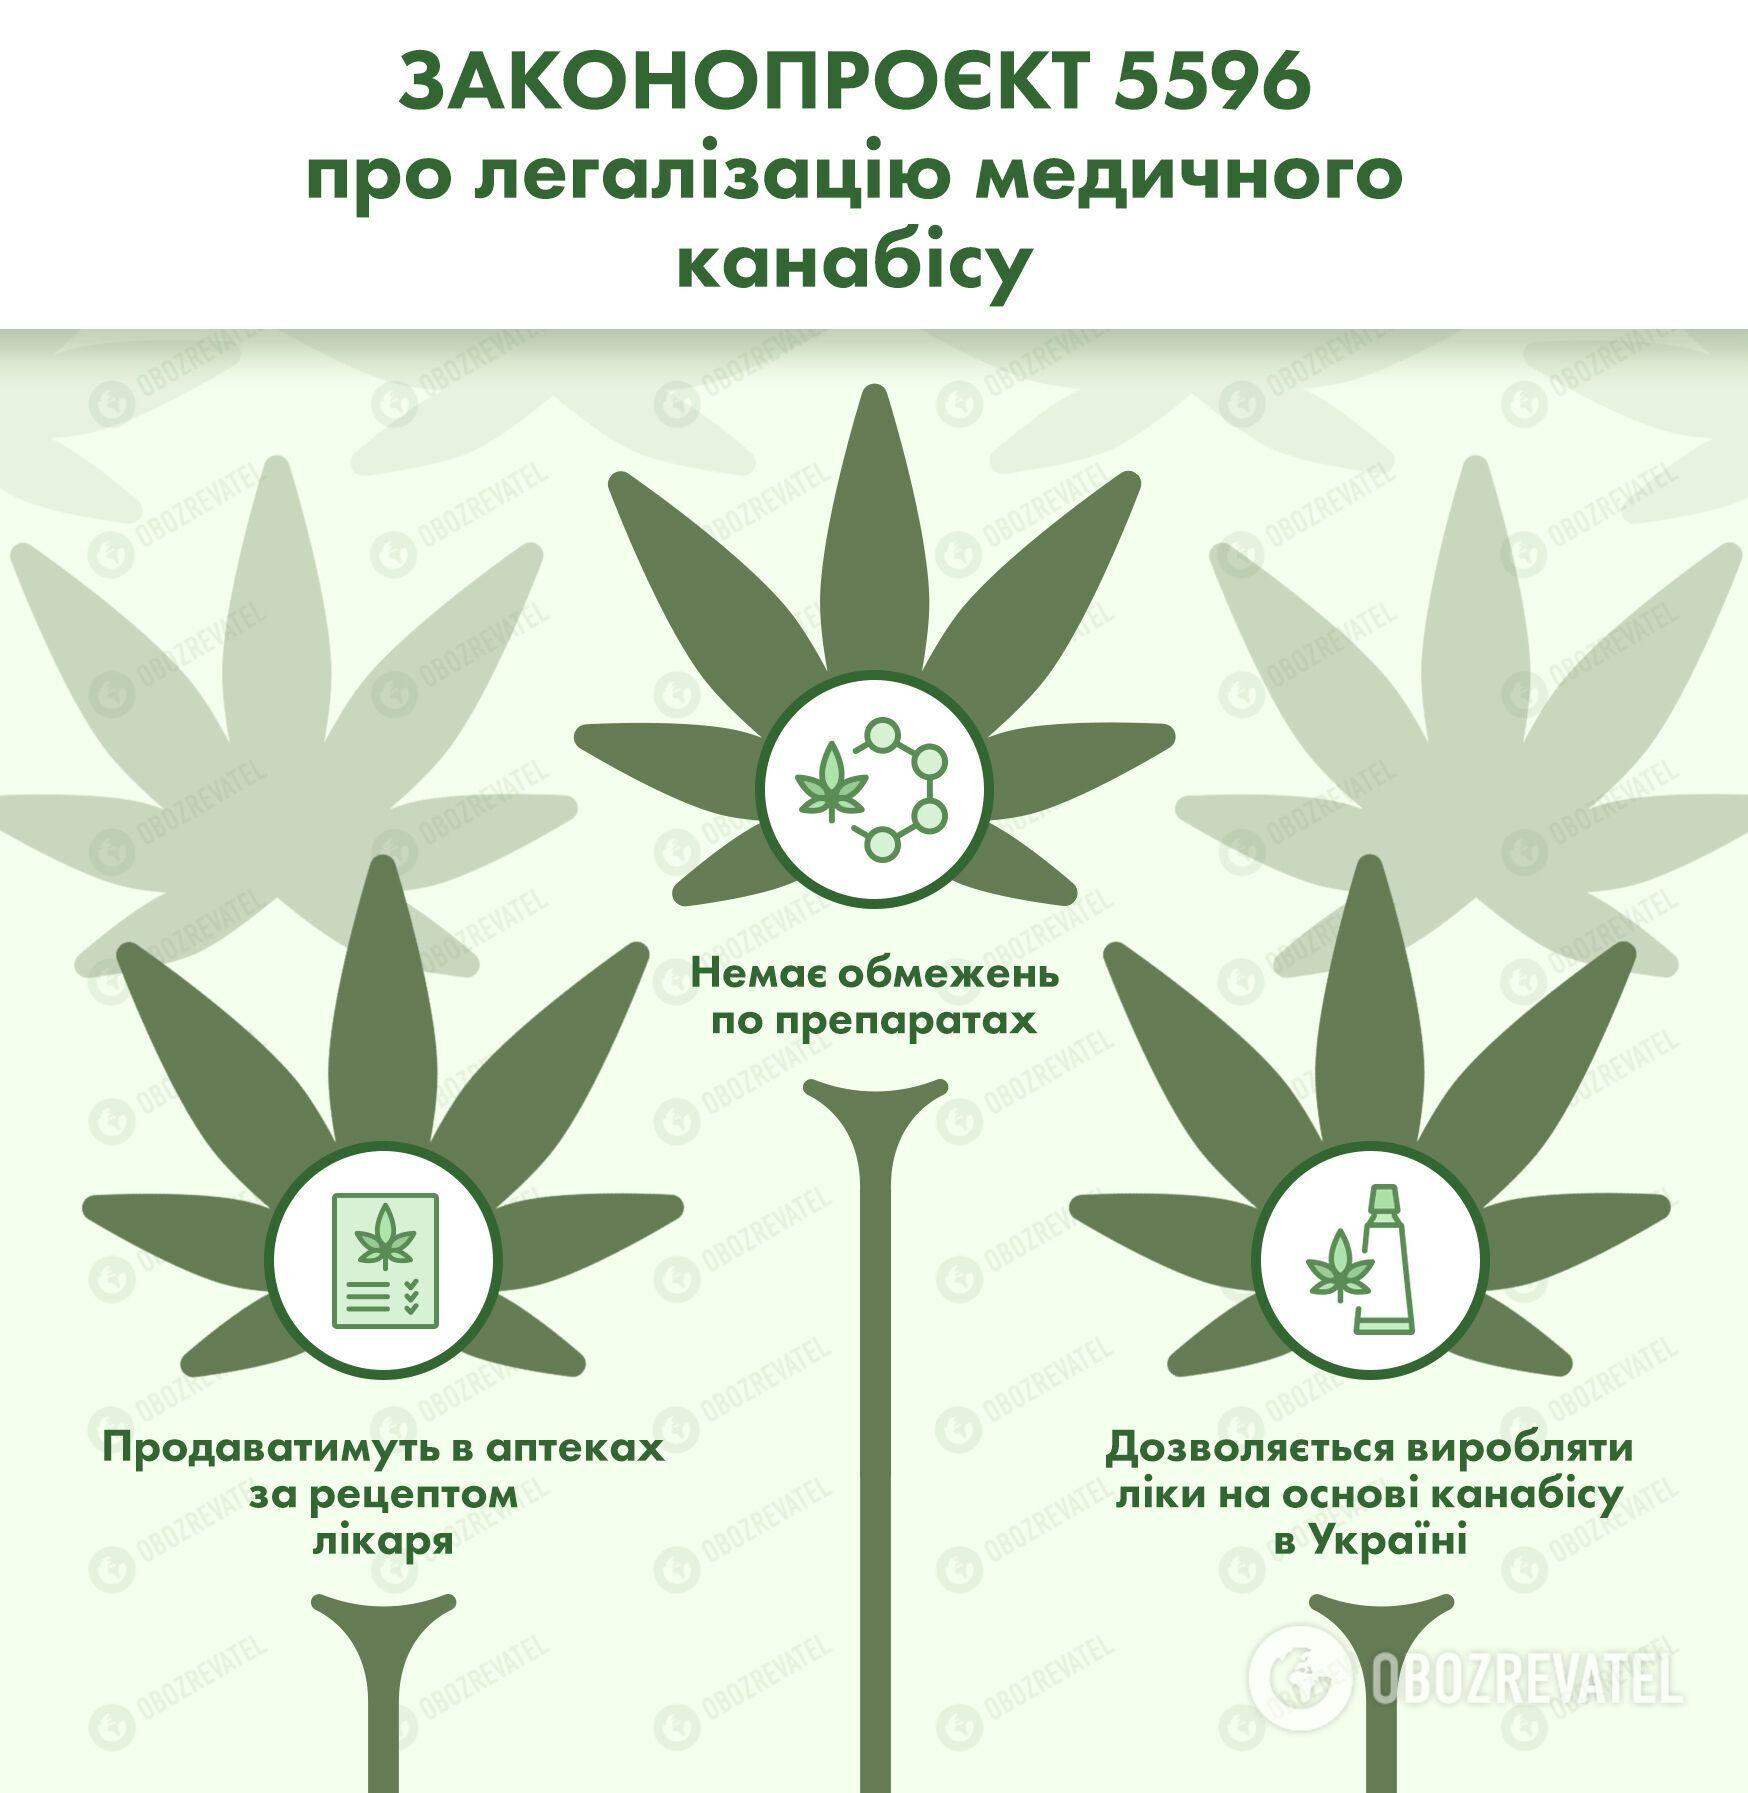 Нормы законопроекта о медицинском каннабисе.